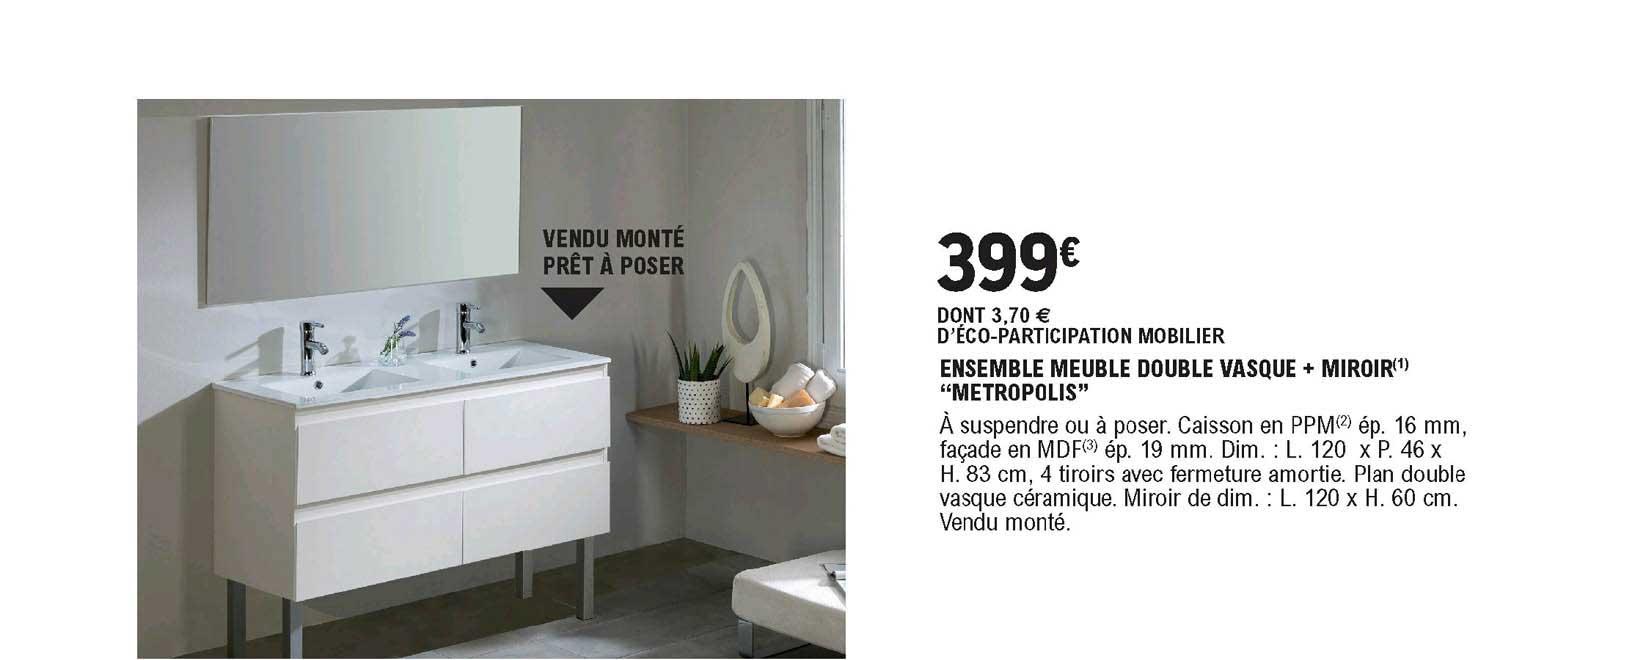 offre ensemble meuble double vasque